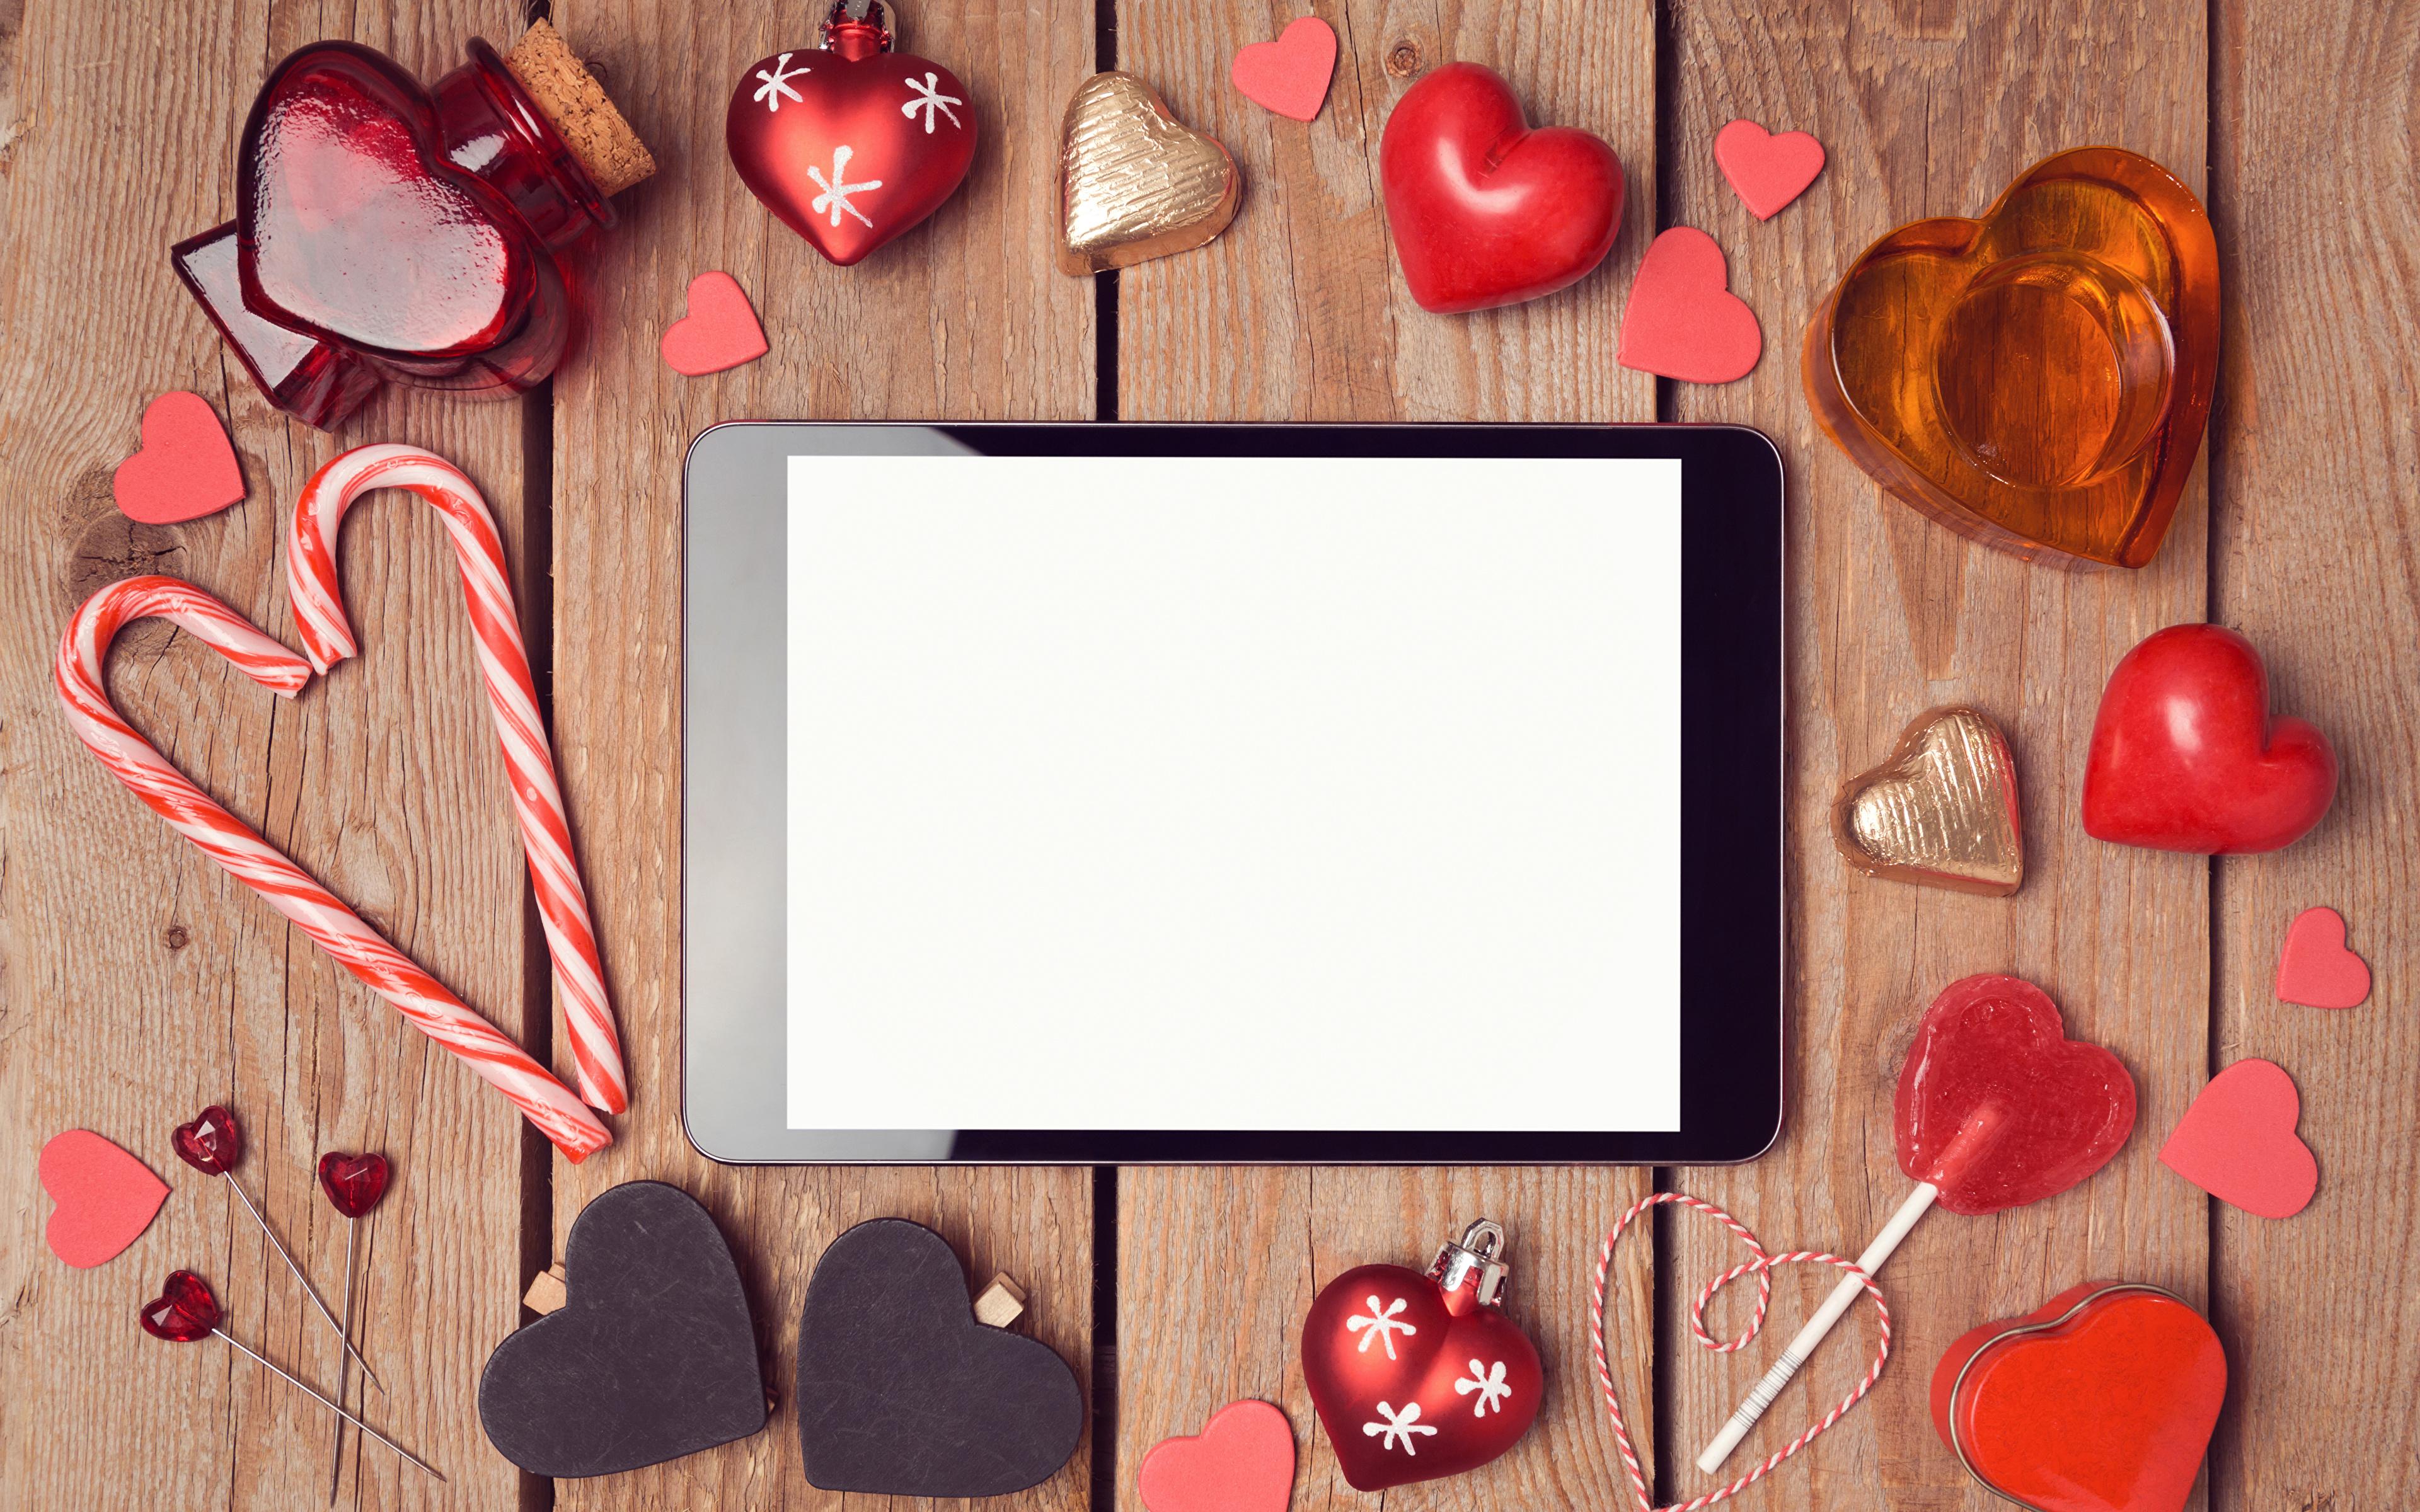 Картинки Планшетный компьютер День святого Валентина сердечко Шаблон поздравительной открытки сладкая еда Доски 3840x2400 Планшет День всех влюблённых серце сердца Сердце Сладости